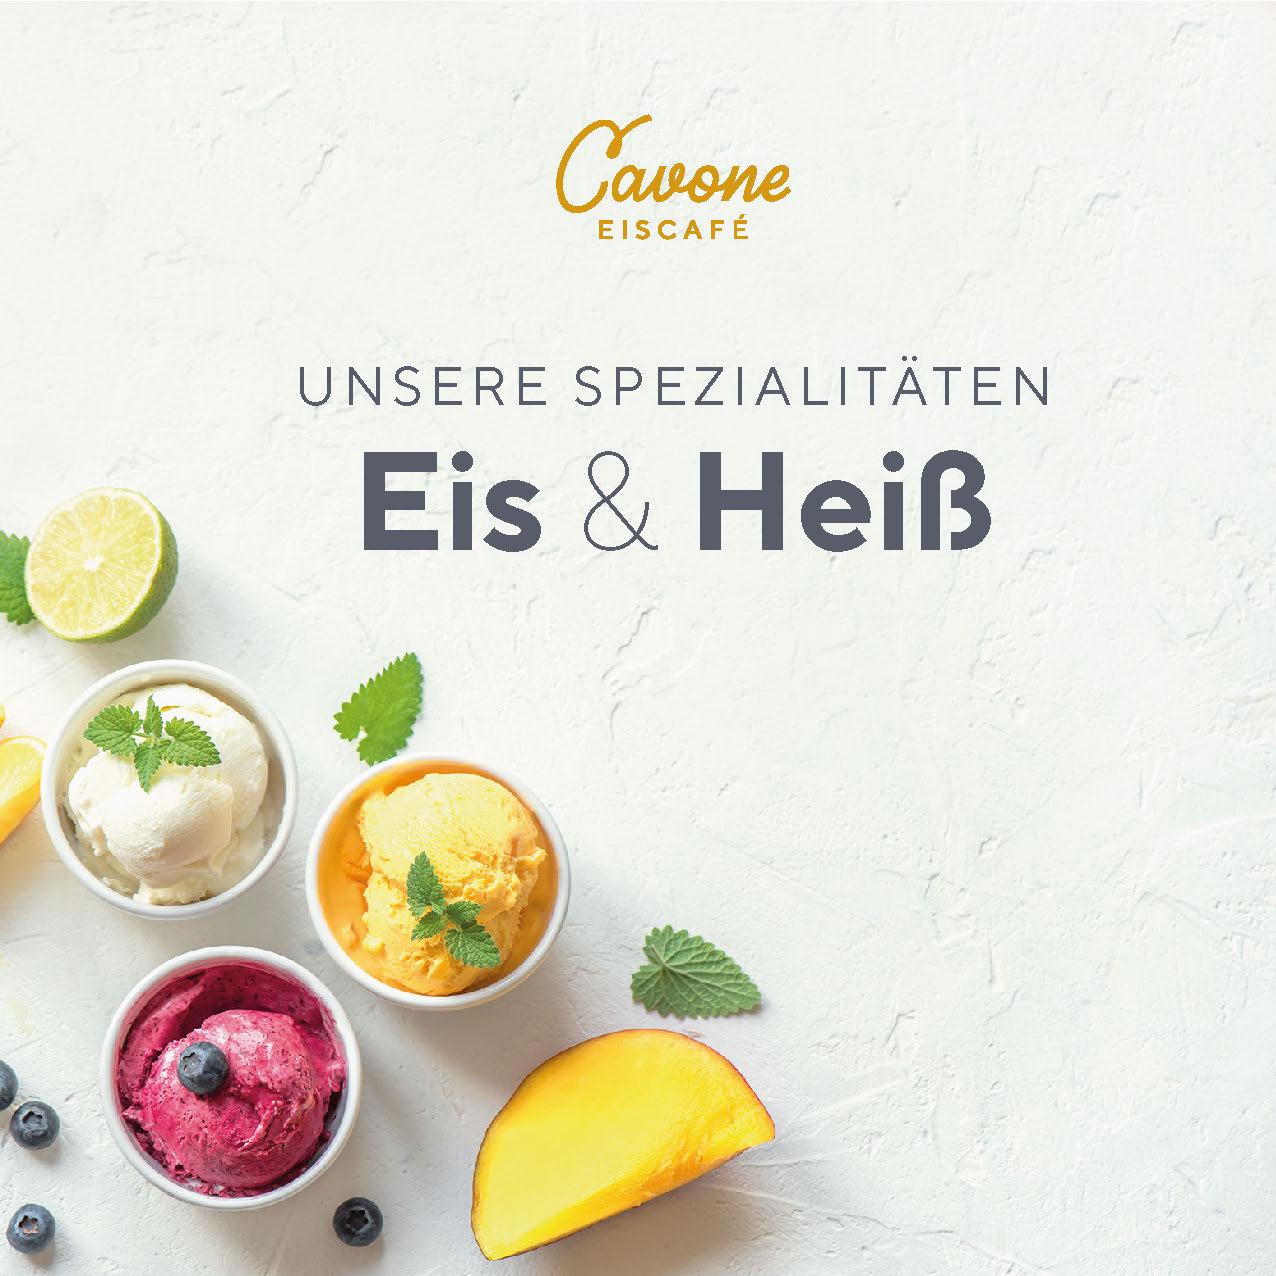 Cavone_Eiskarte_Seite_01